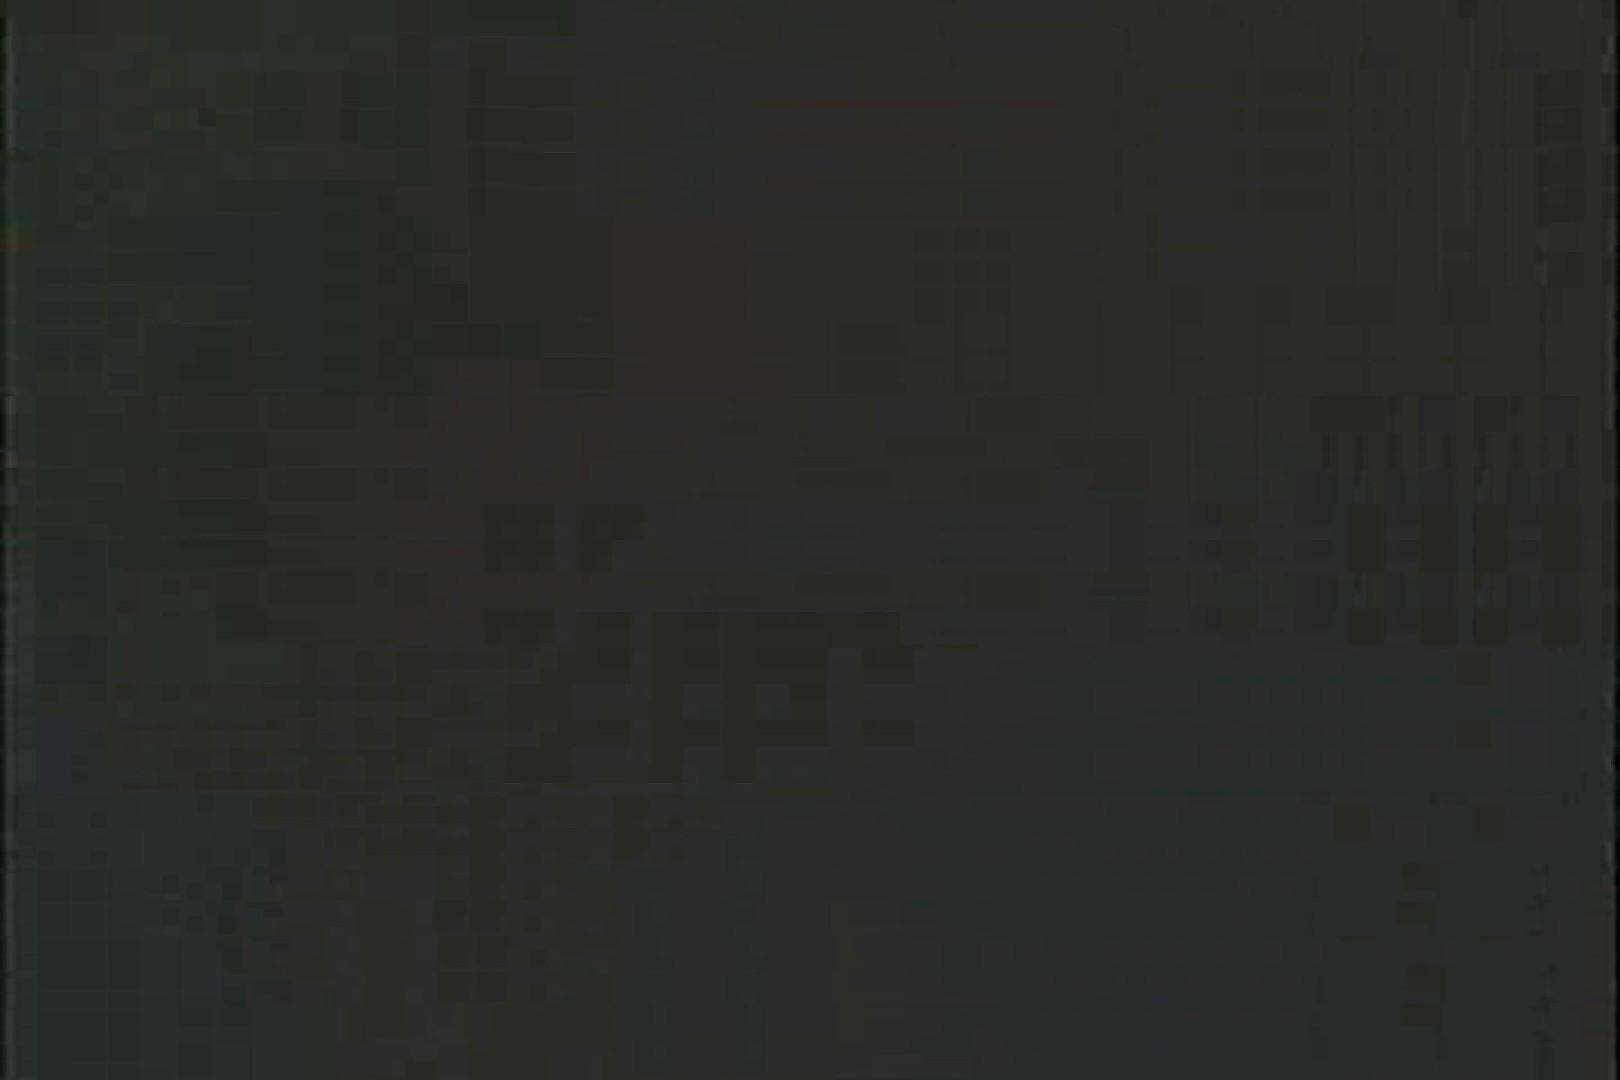 「ちくりん」さんのオリジナル未編集パンチラVol.3_02 独占盗撮 | 美女OL  65連発 25